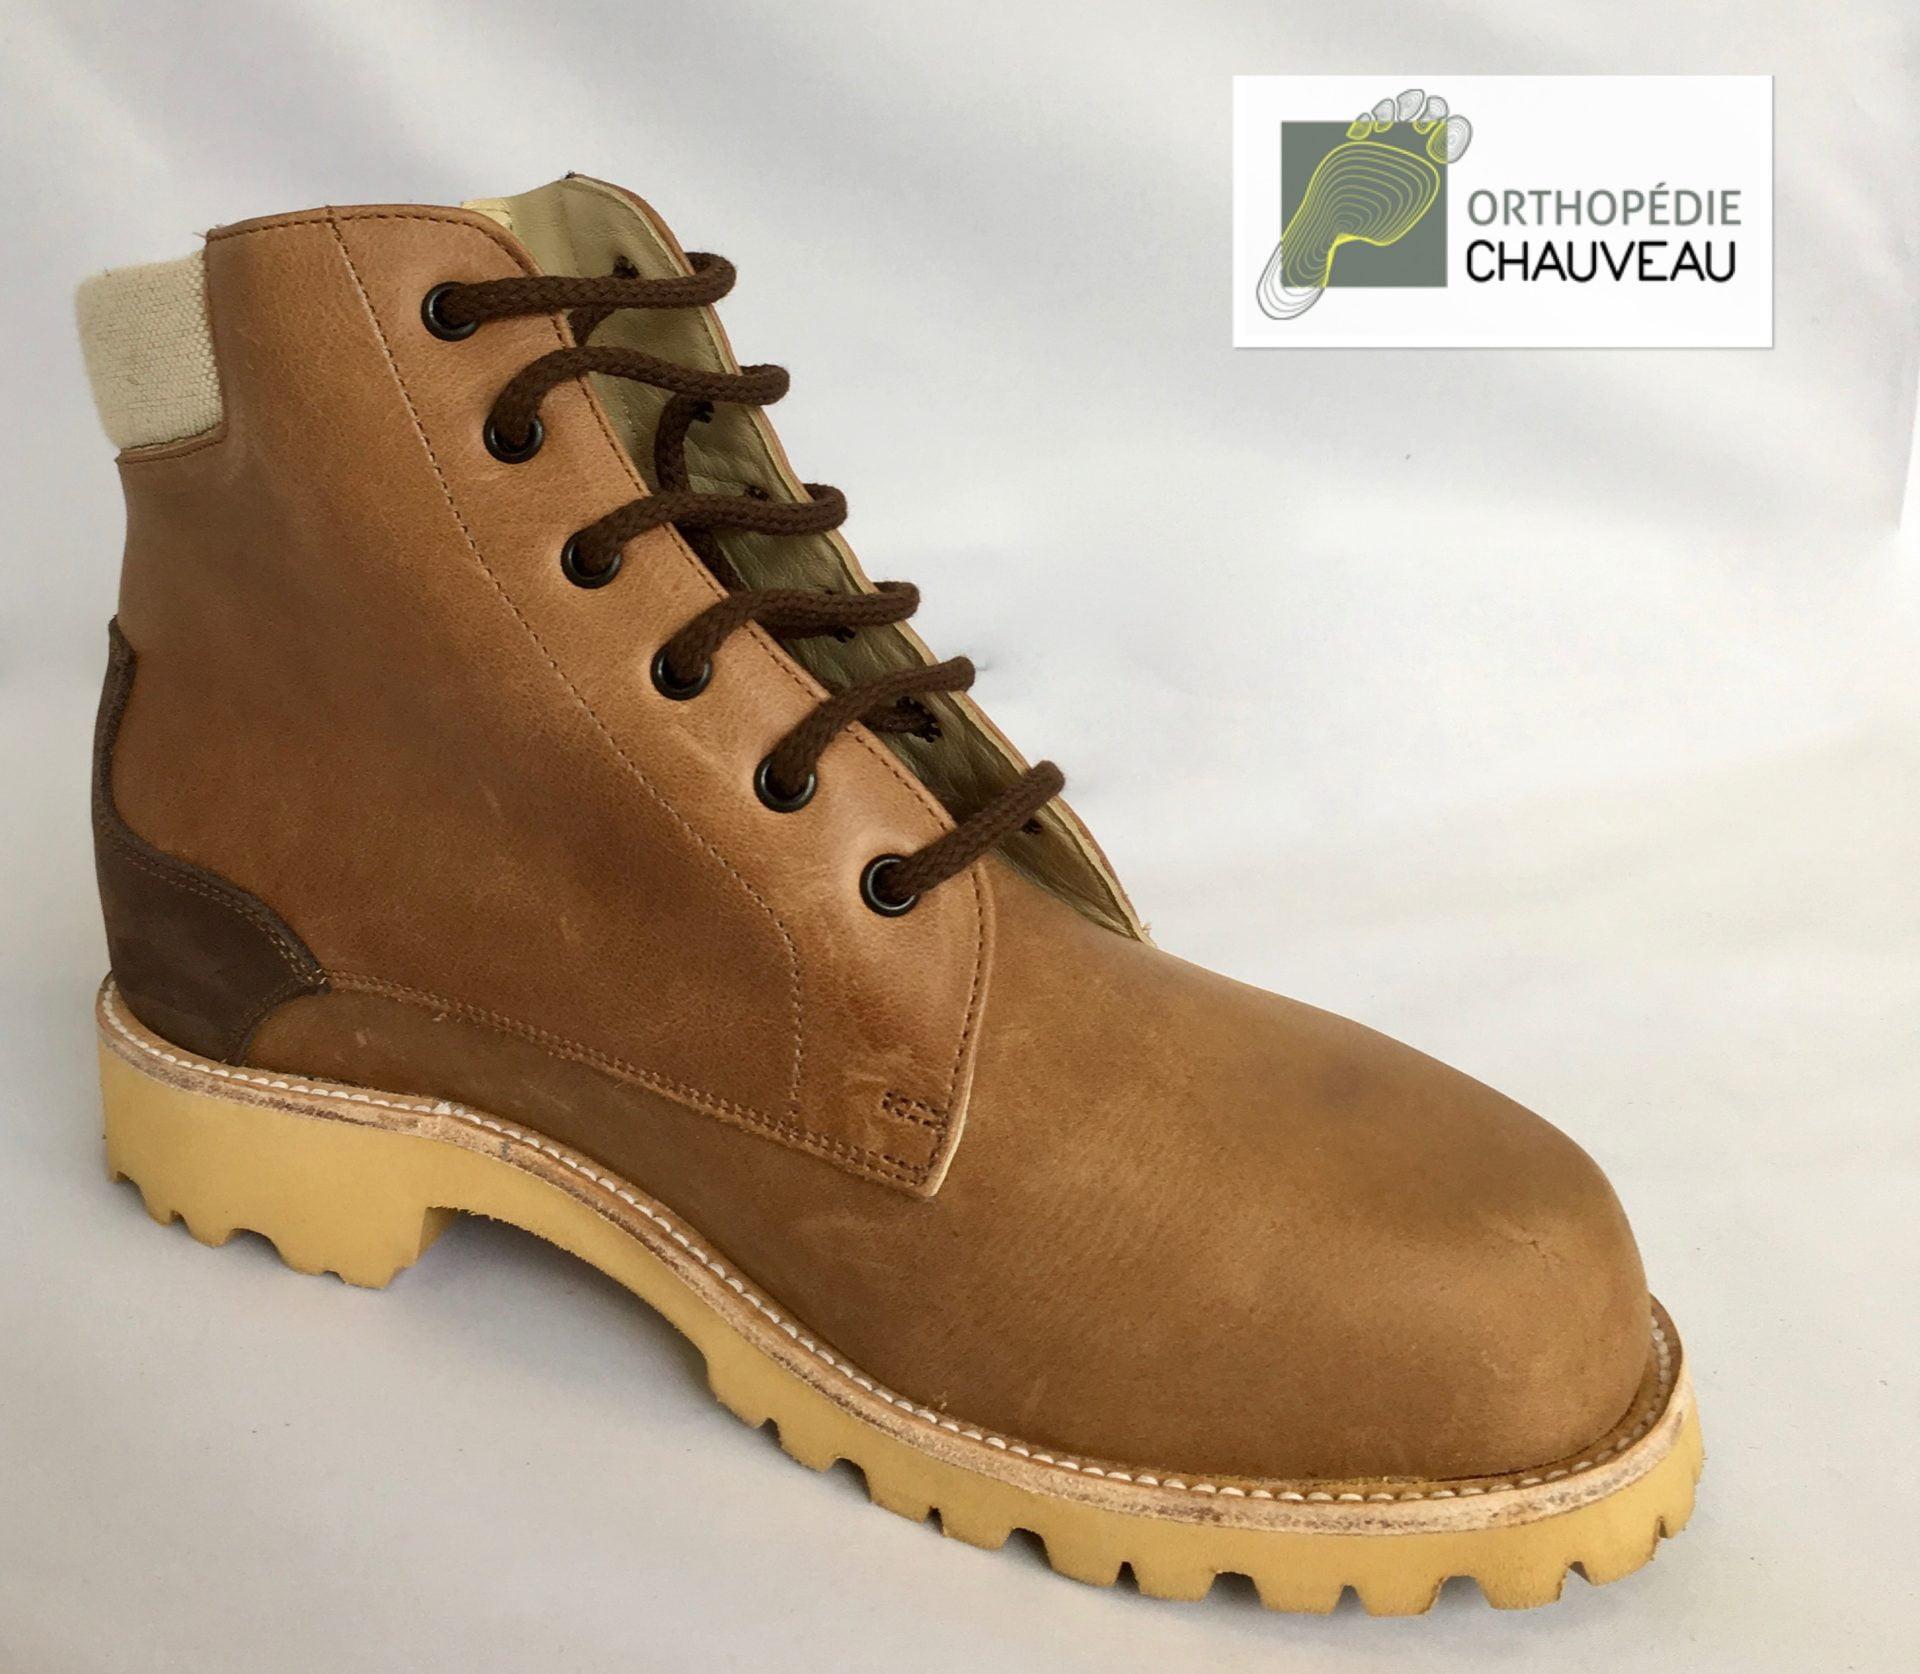 chaussures orthopédiques rennes bottines marron